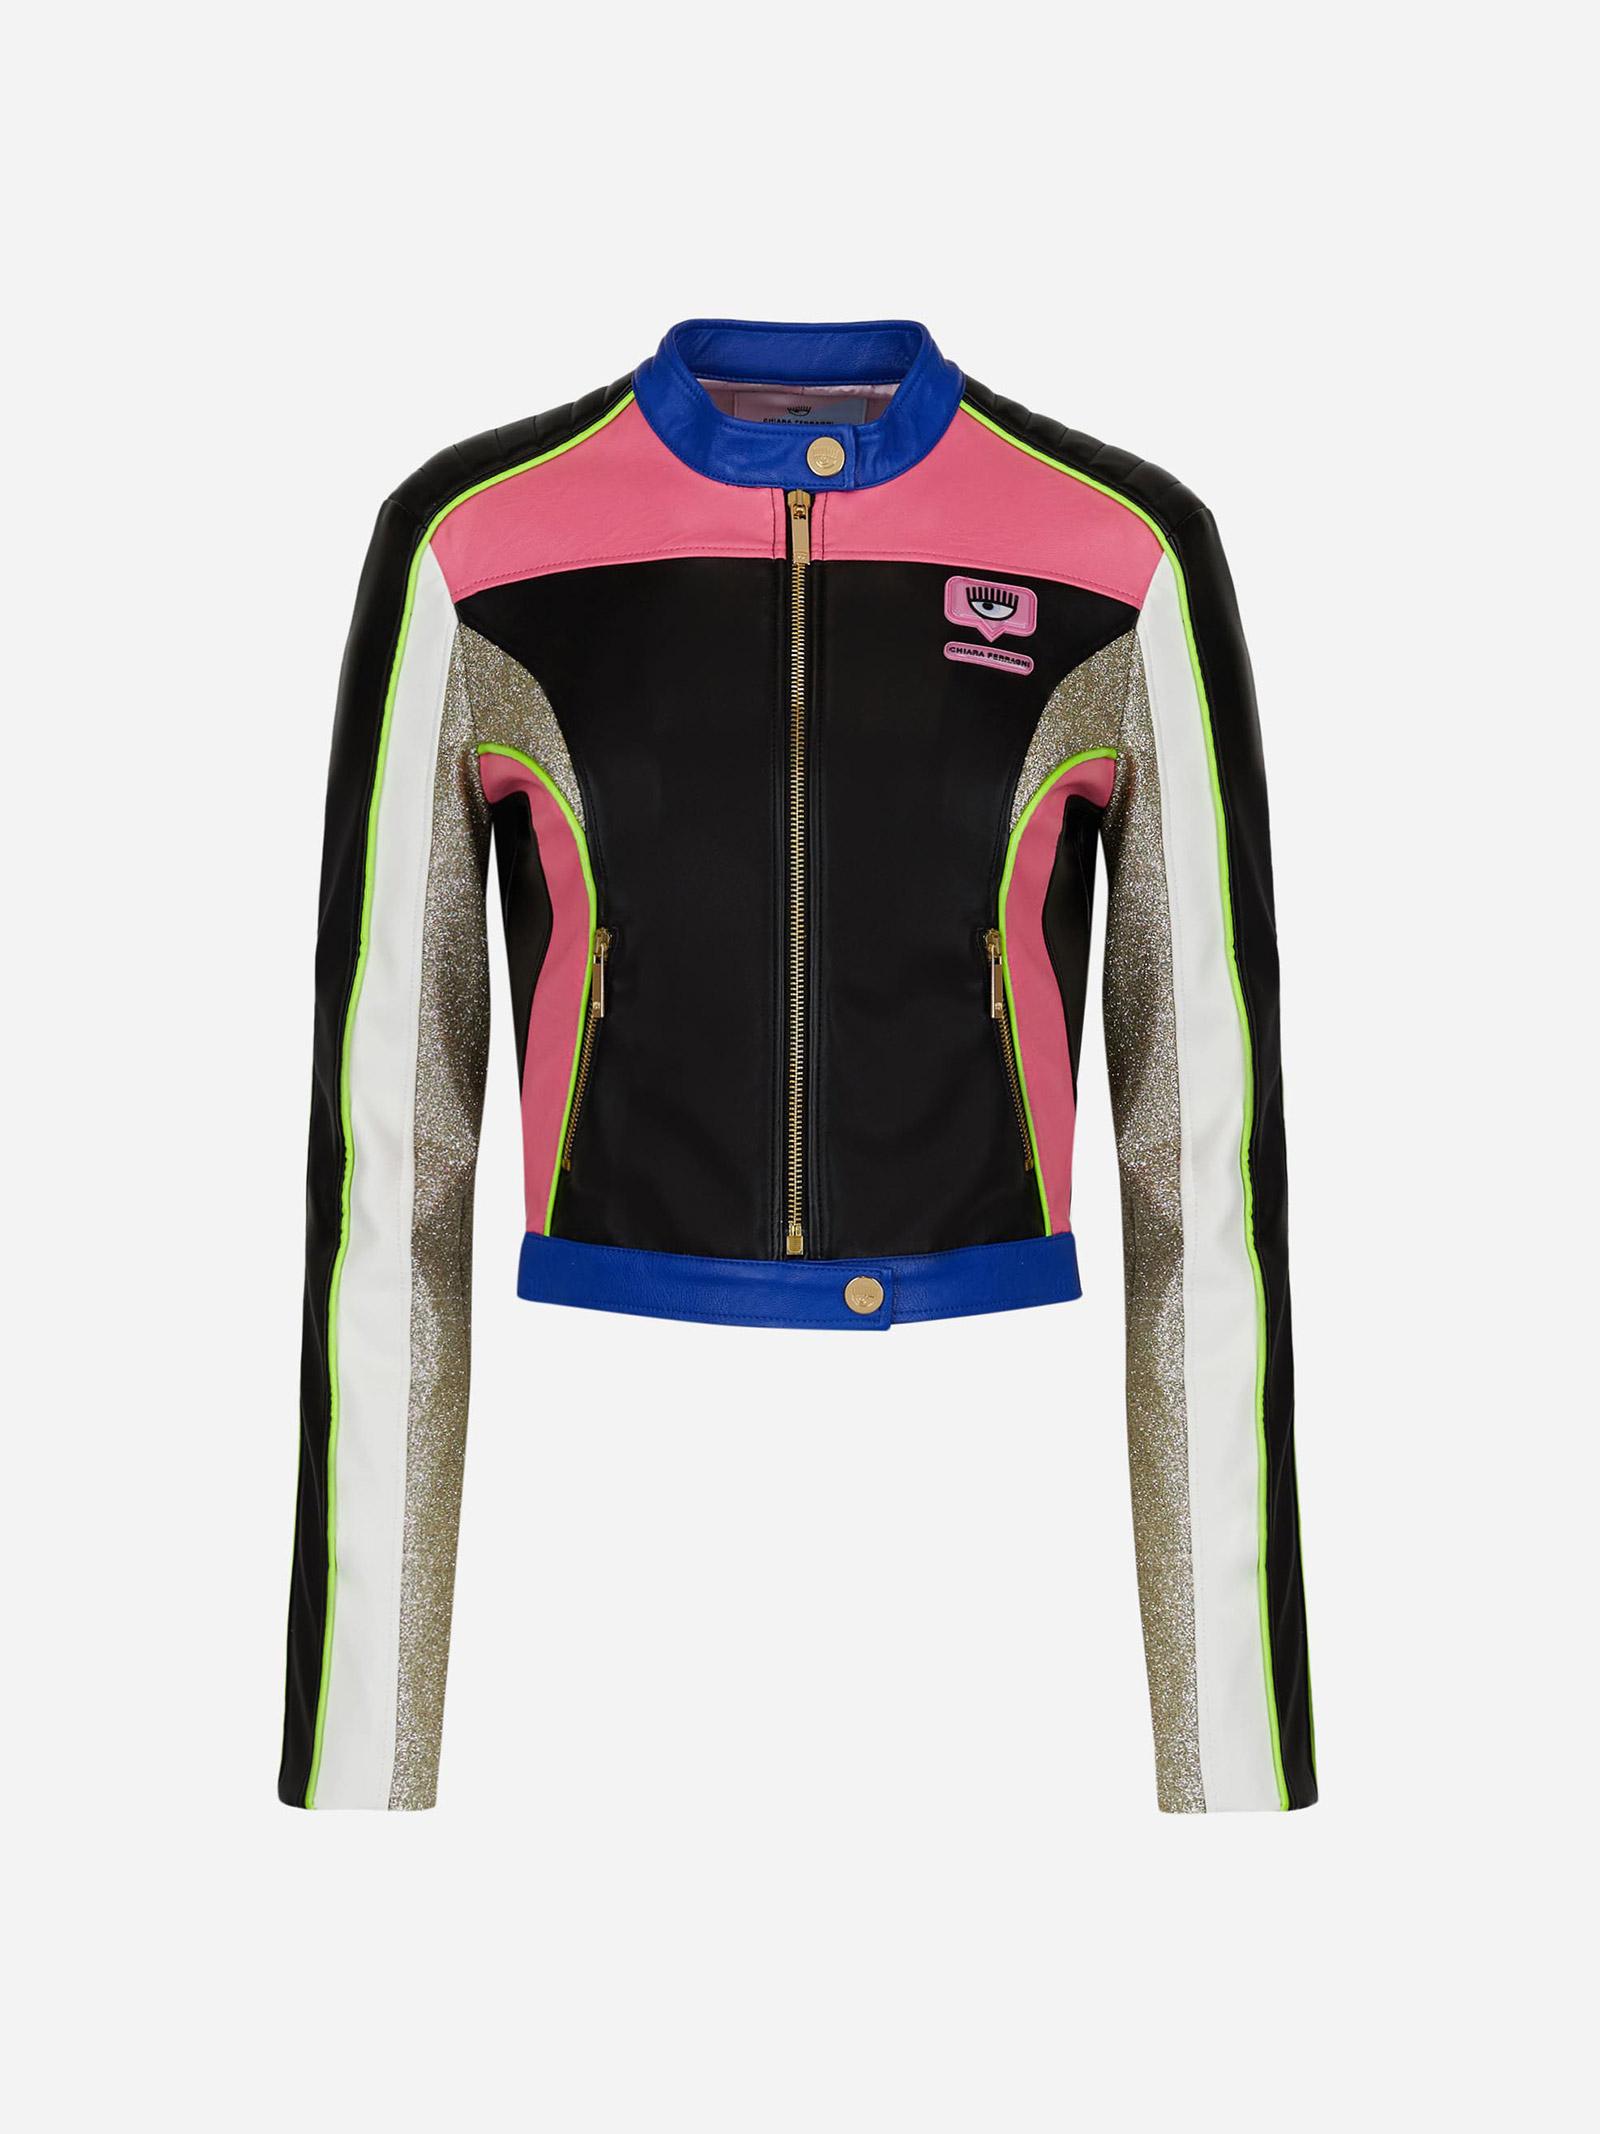 Biker jacket CF Racing CHIARA FERRAGNI | Jacket | 71CBS405899